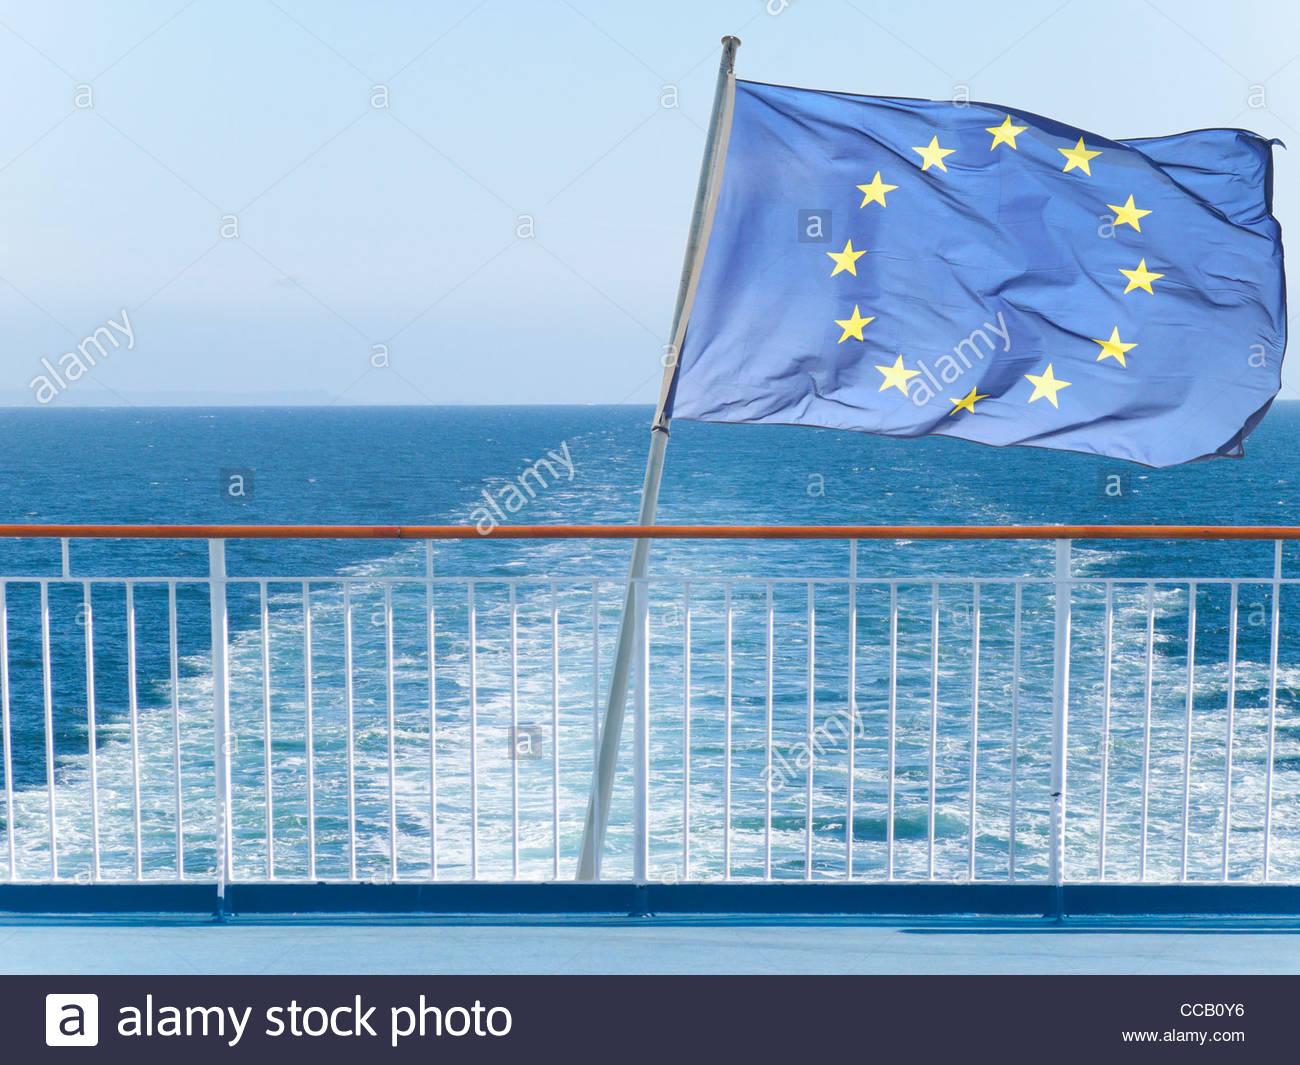 EU-Flagge auf der Reling des Schiffes mit Meerwasser im Hintergrund Stockbild